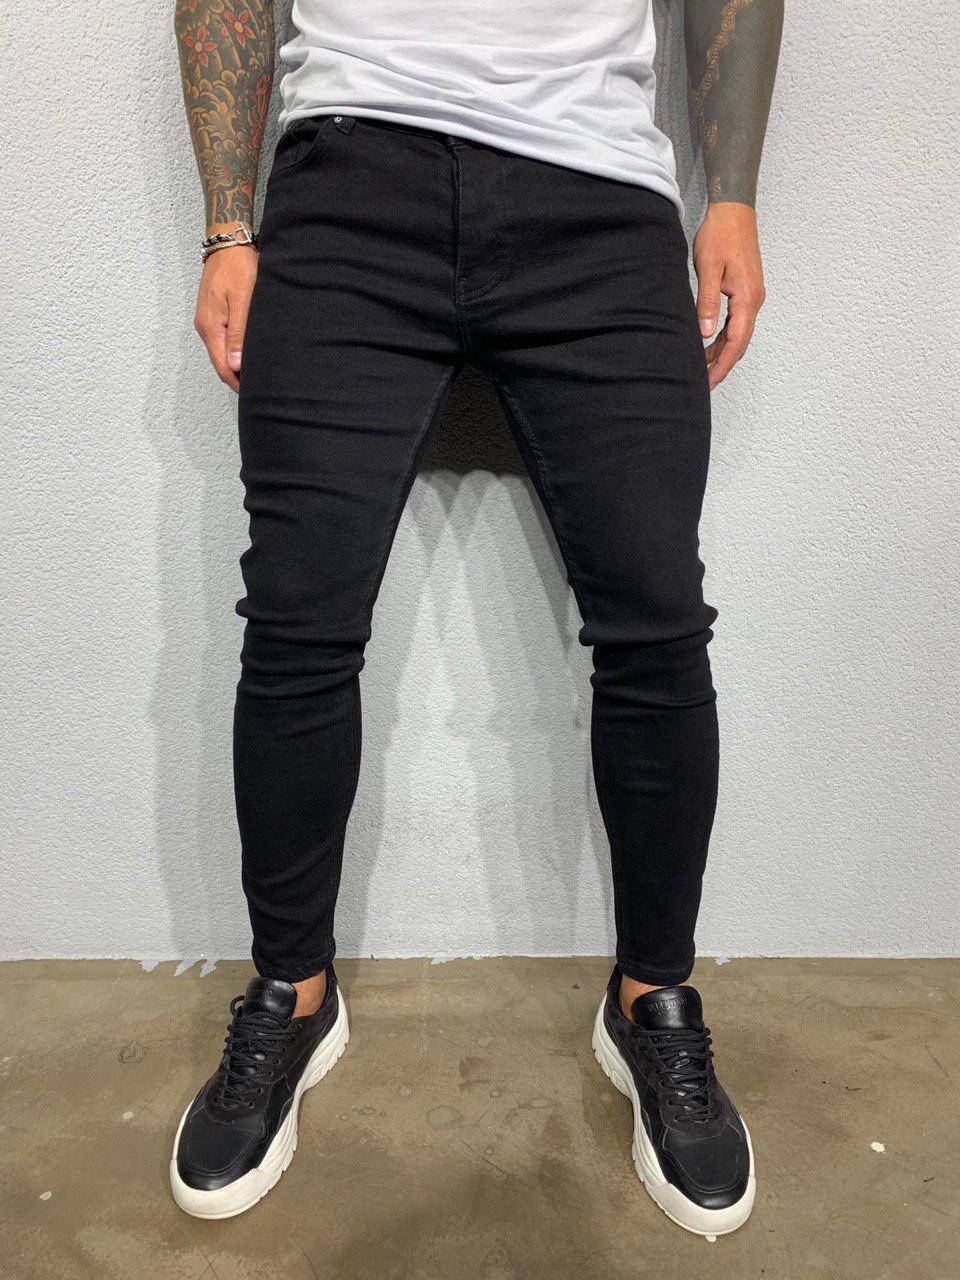 Мужские джинсы зауженные черные Black Island 6017-3433